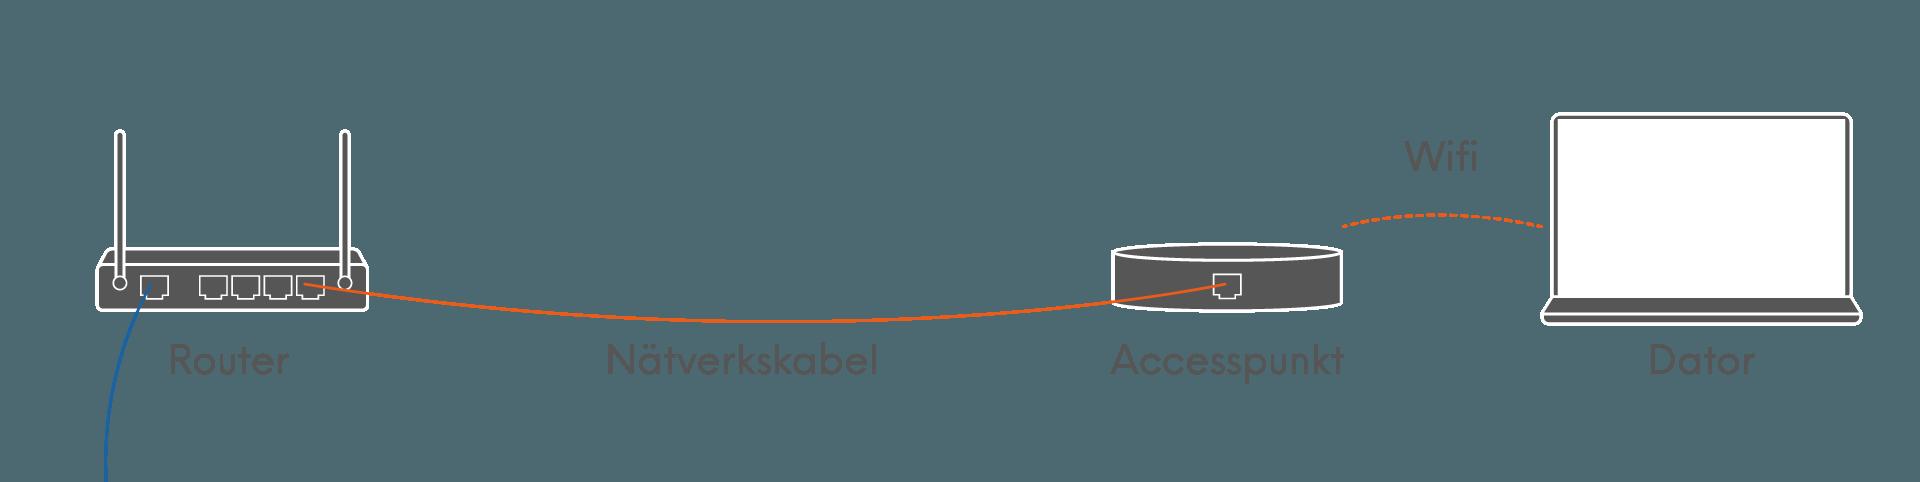 En accesspunkt som utökar wifi-täckningen